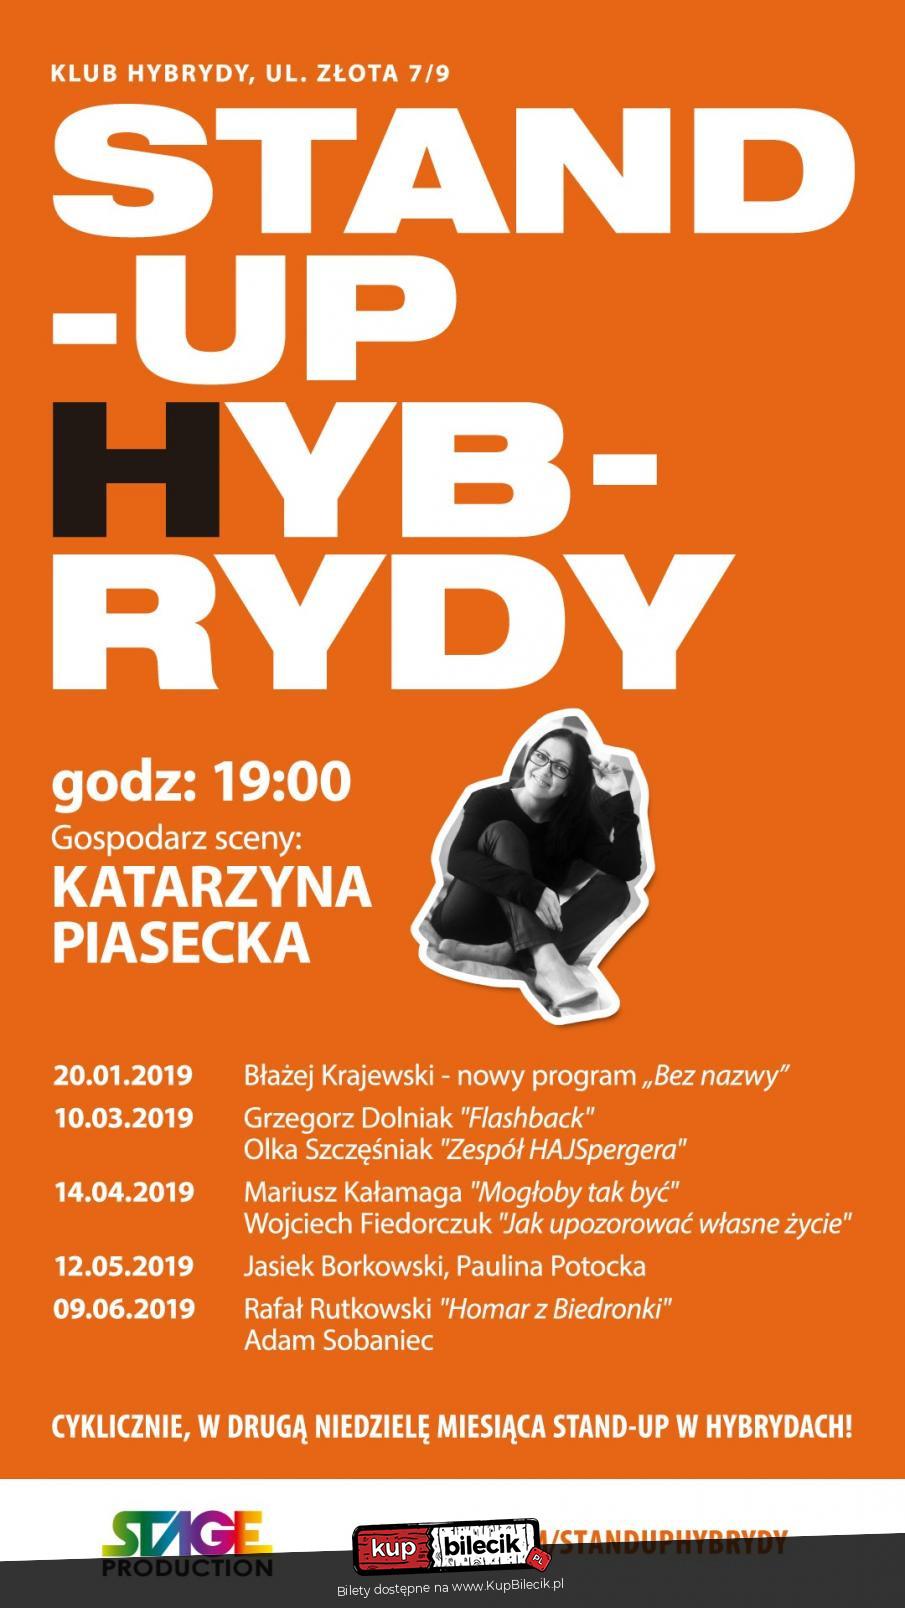 Teatr 2019 09 21 183000 Teatr Mały 501282355 189808371 Tychy